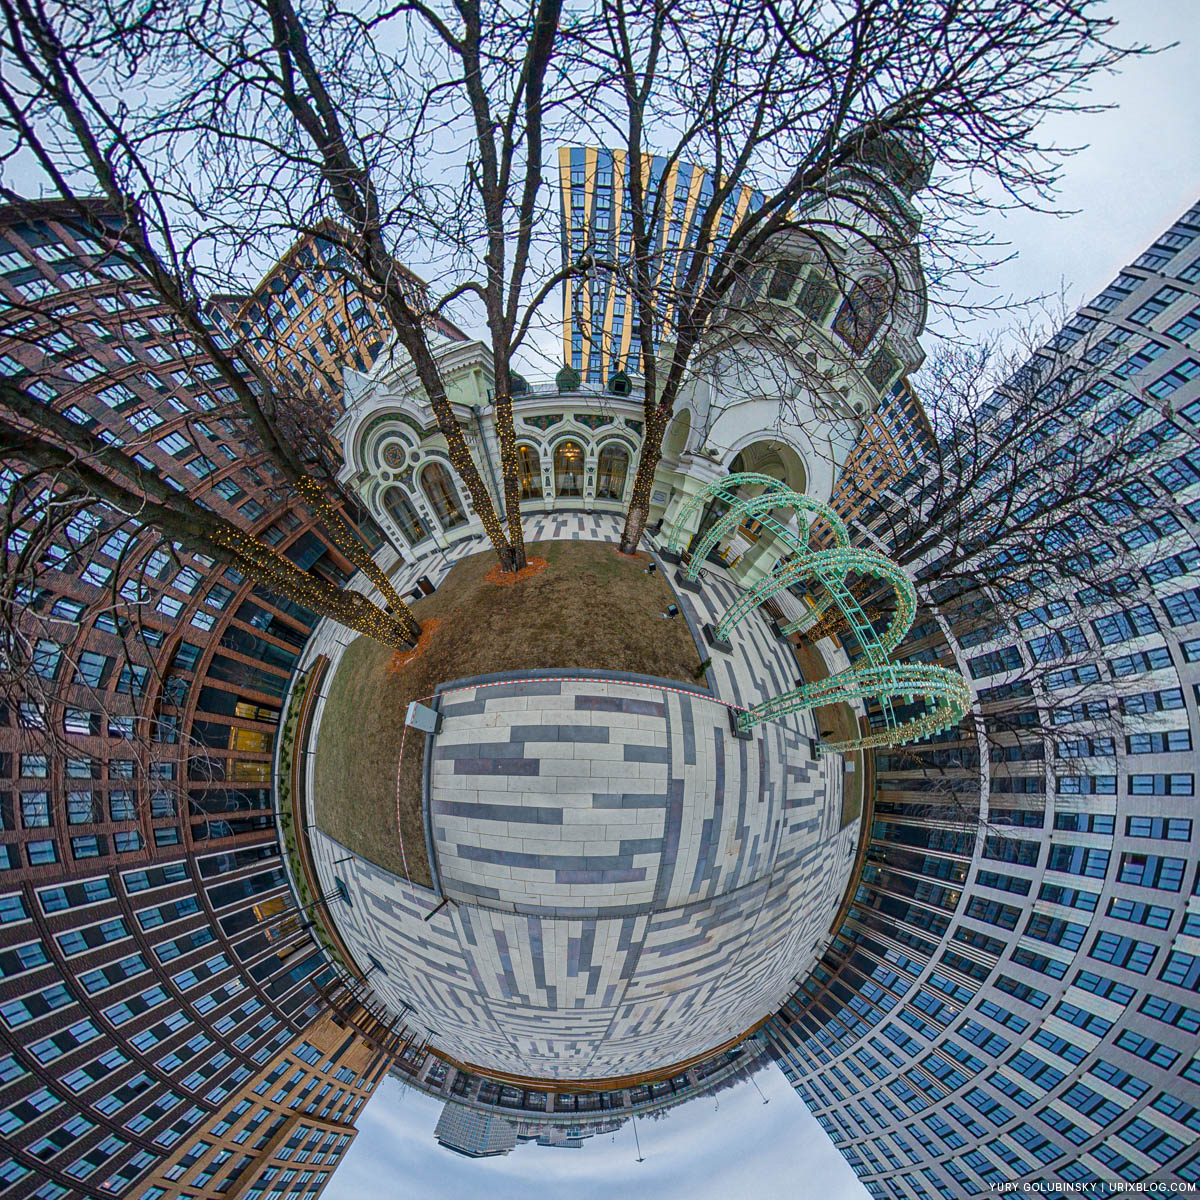 Ресторан Паризьен, ЖК Царская Площадь, маленькая планета, панорама, Москва, Россия, 2020